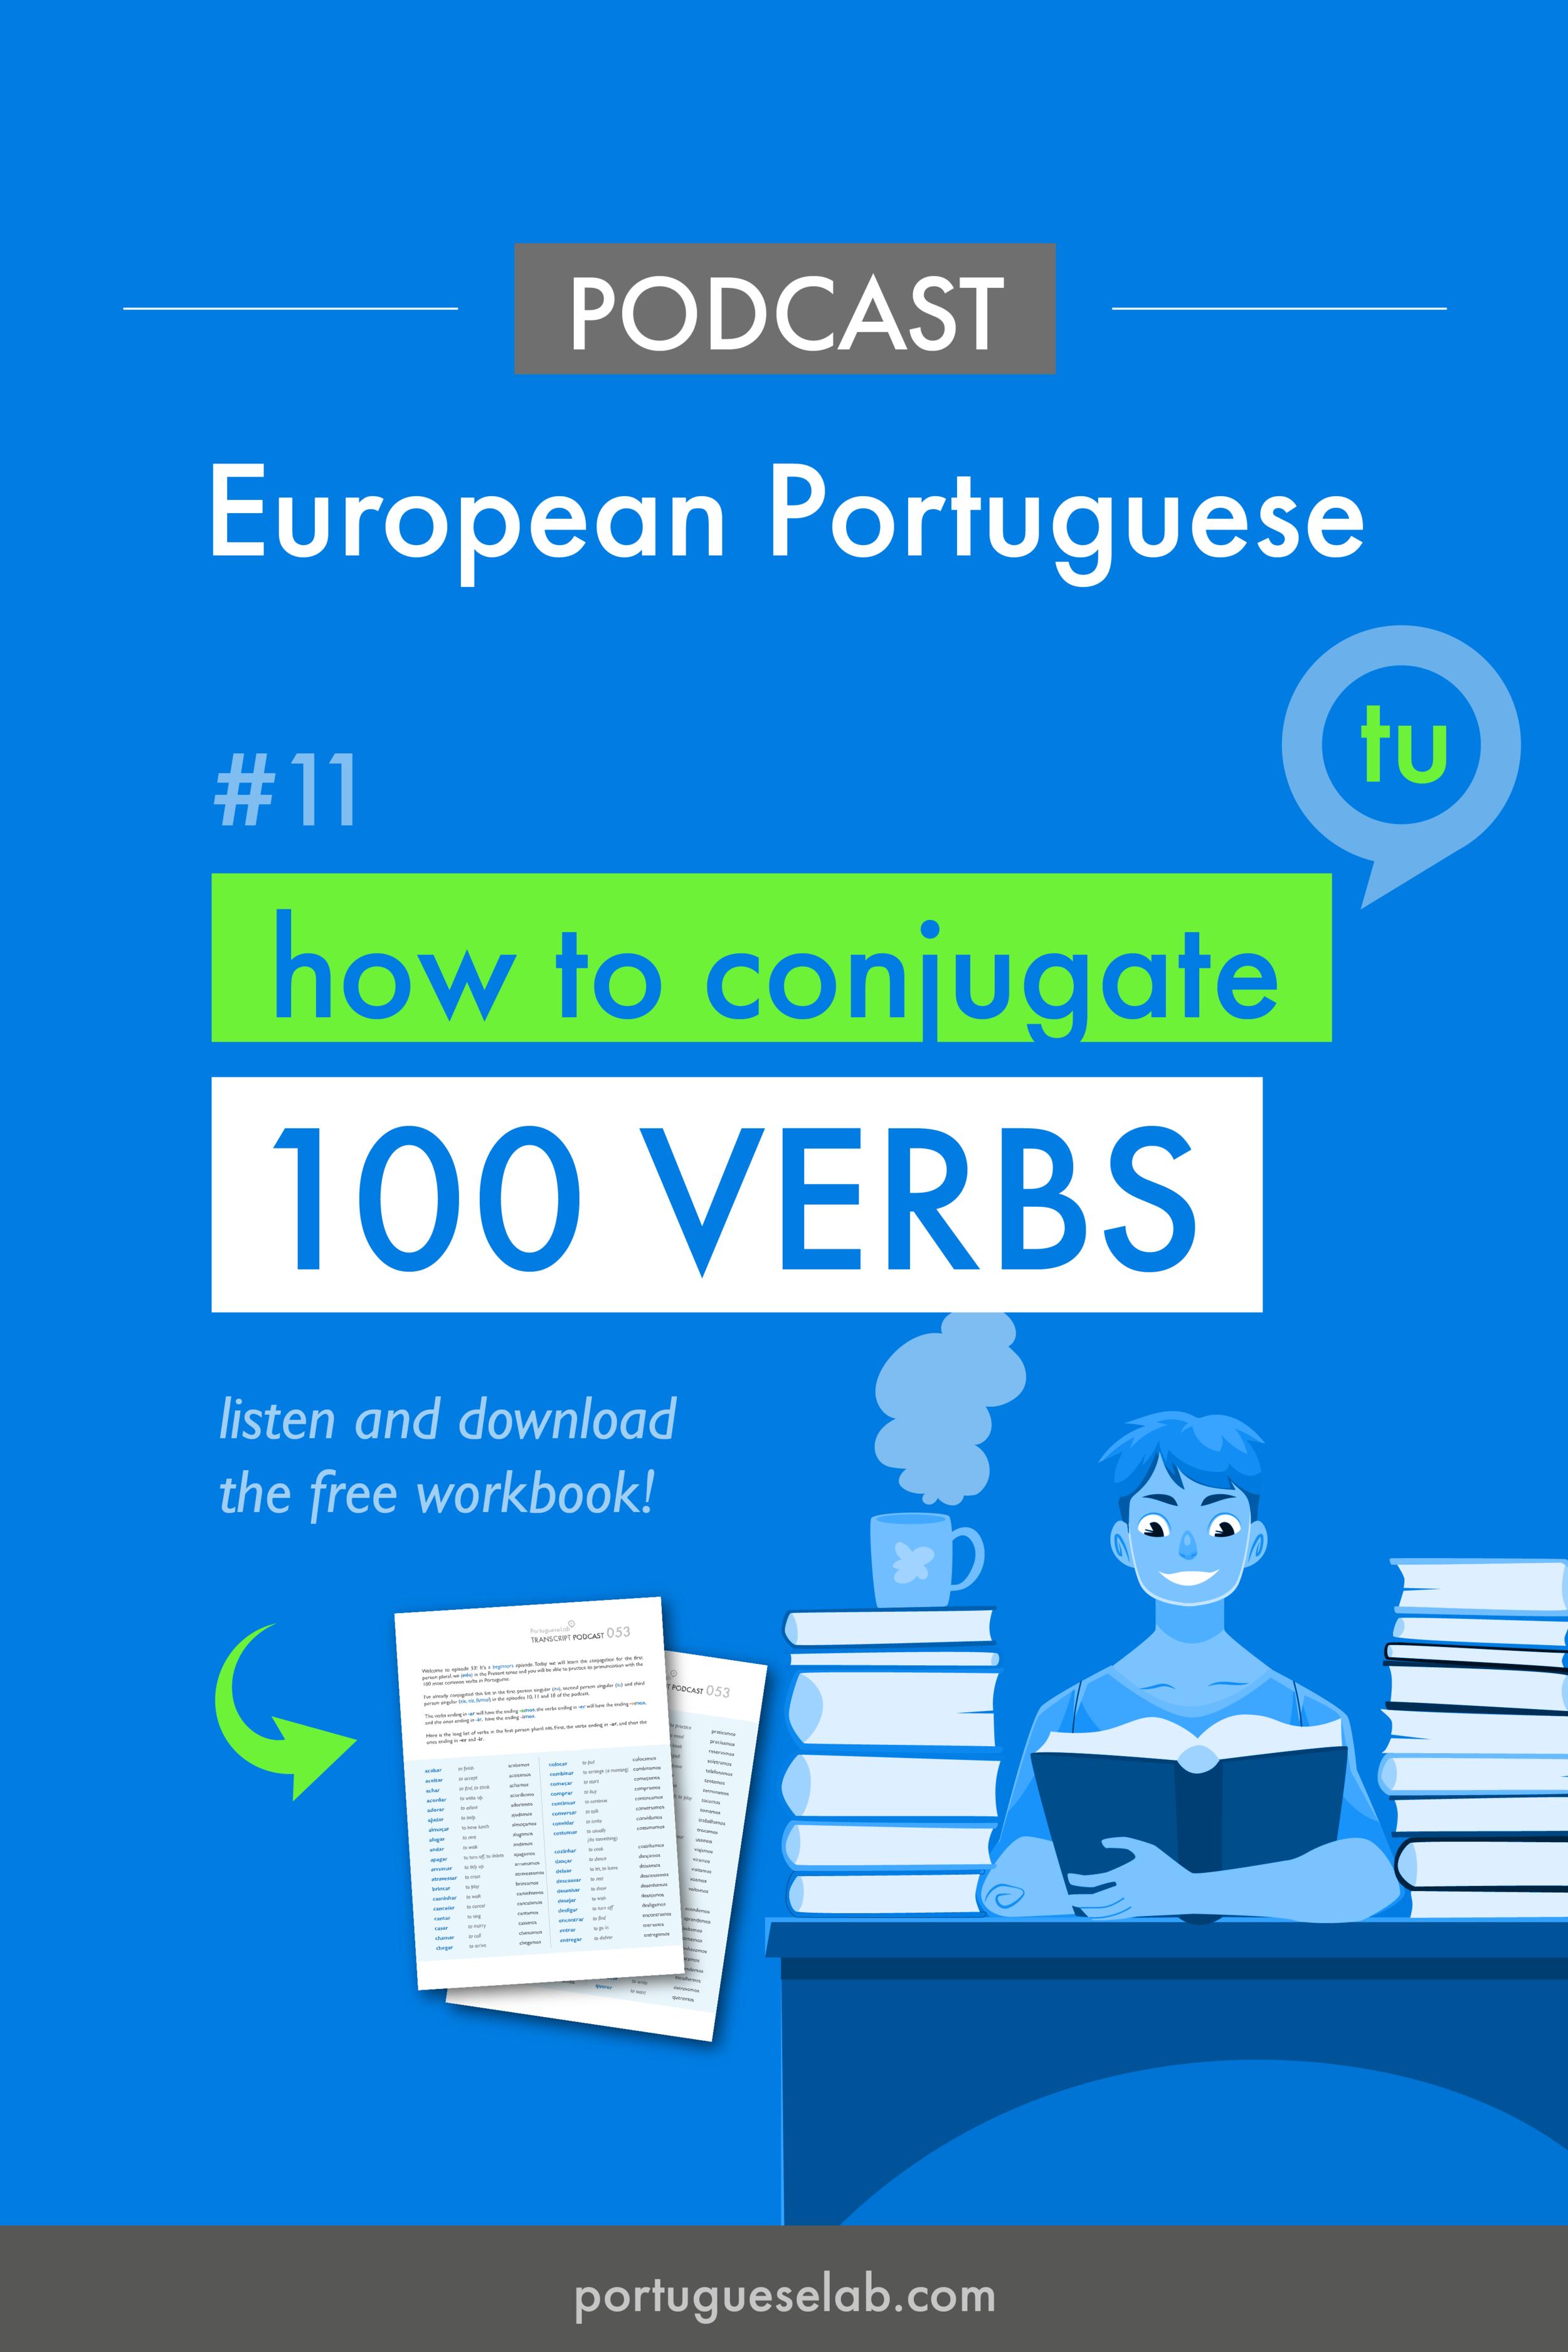 Portuguese Lab Podcast - European Portuguese - 11 - Verb conjugation - tu.png